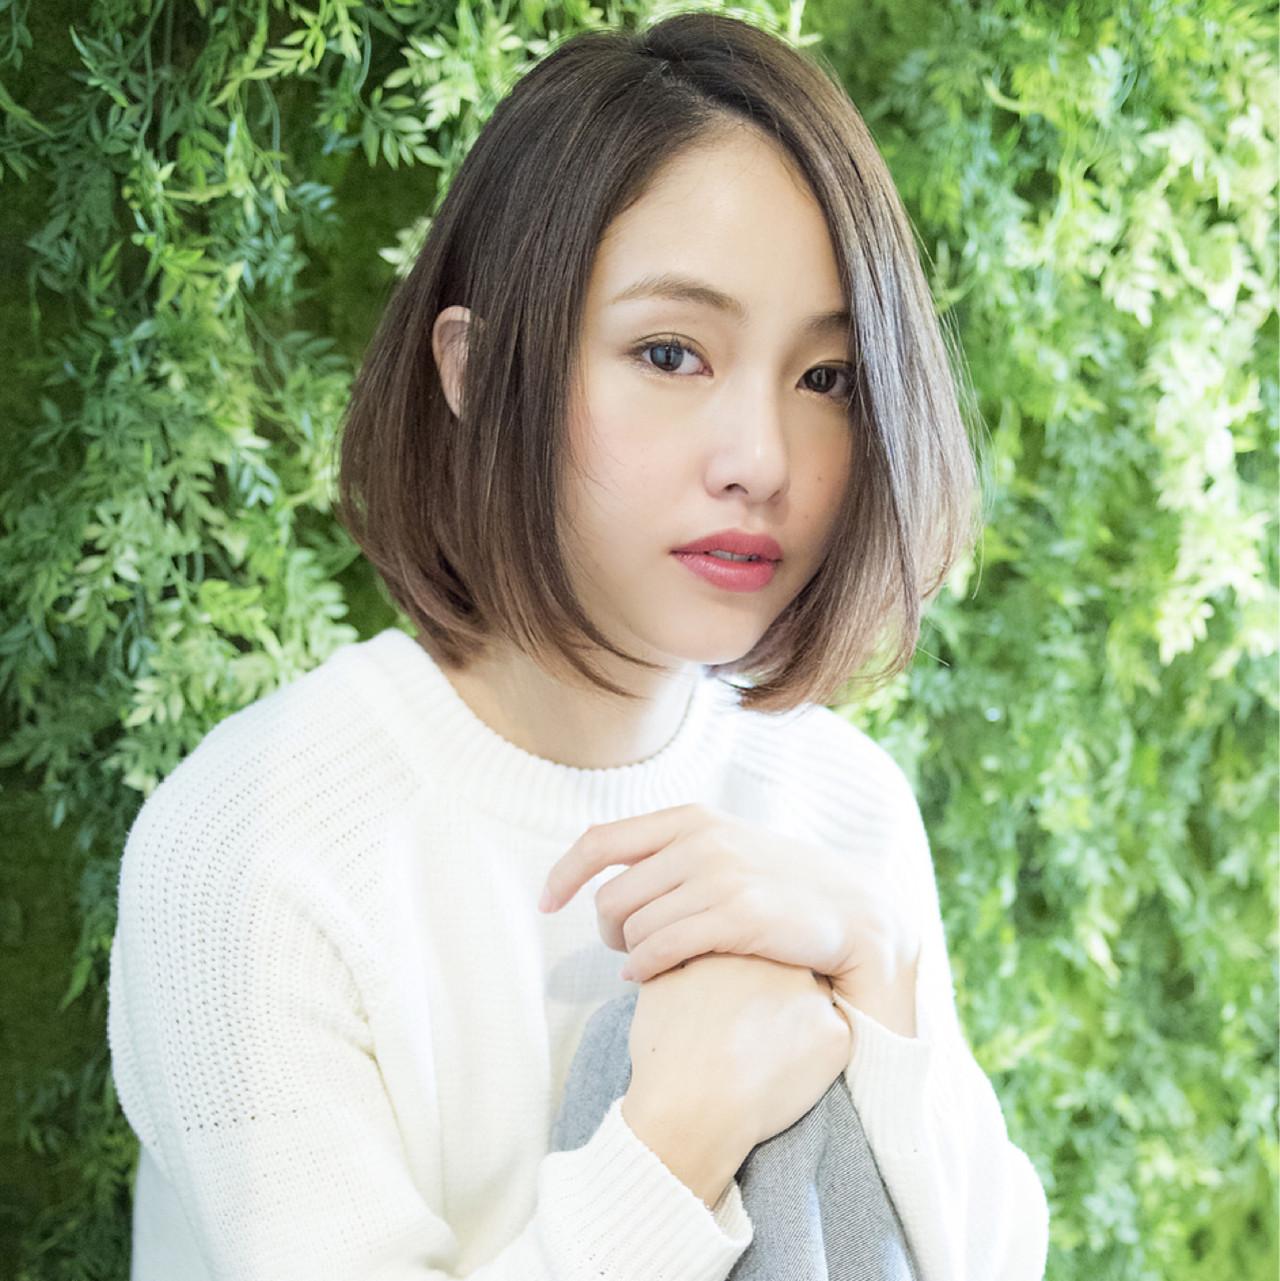 気になる童顔にサヨナラ!髪型で大人美人なモテ顔へ早変わり♡ 長澤 直樹